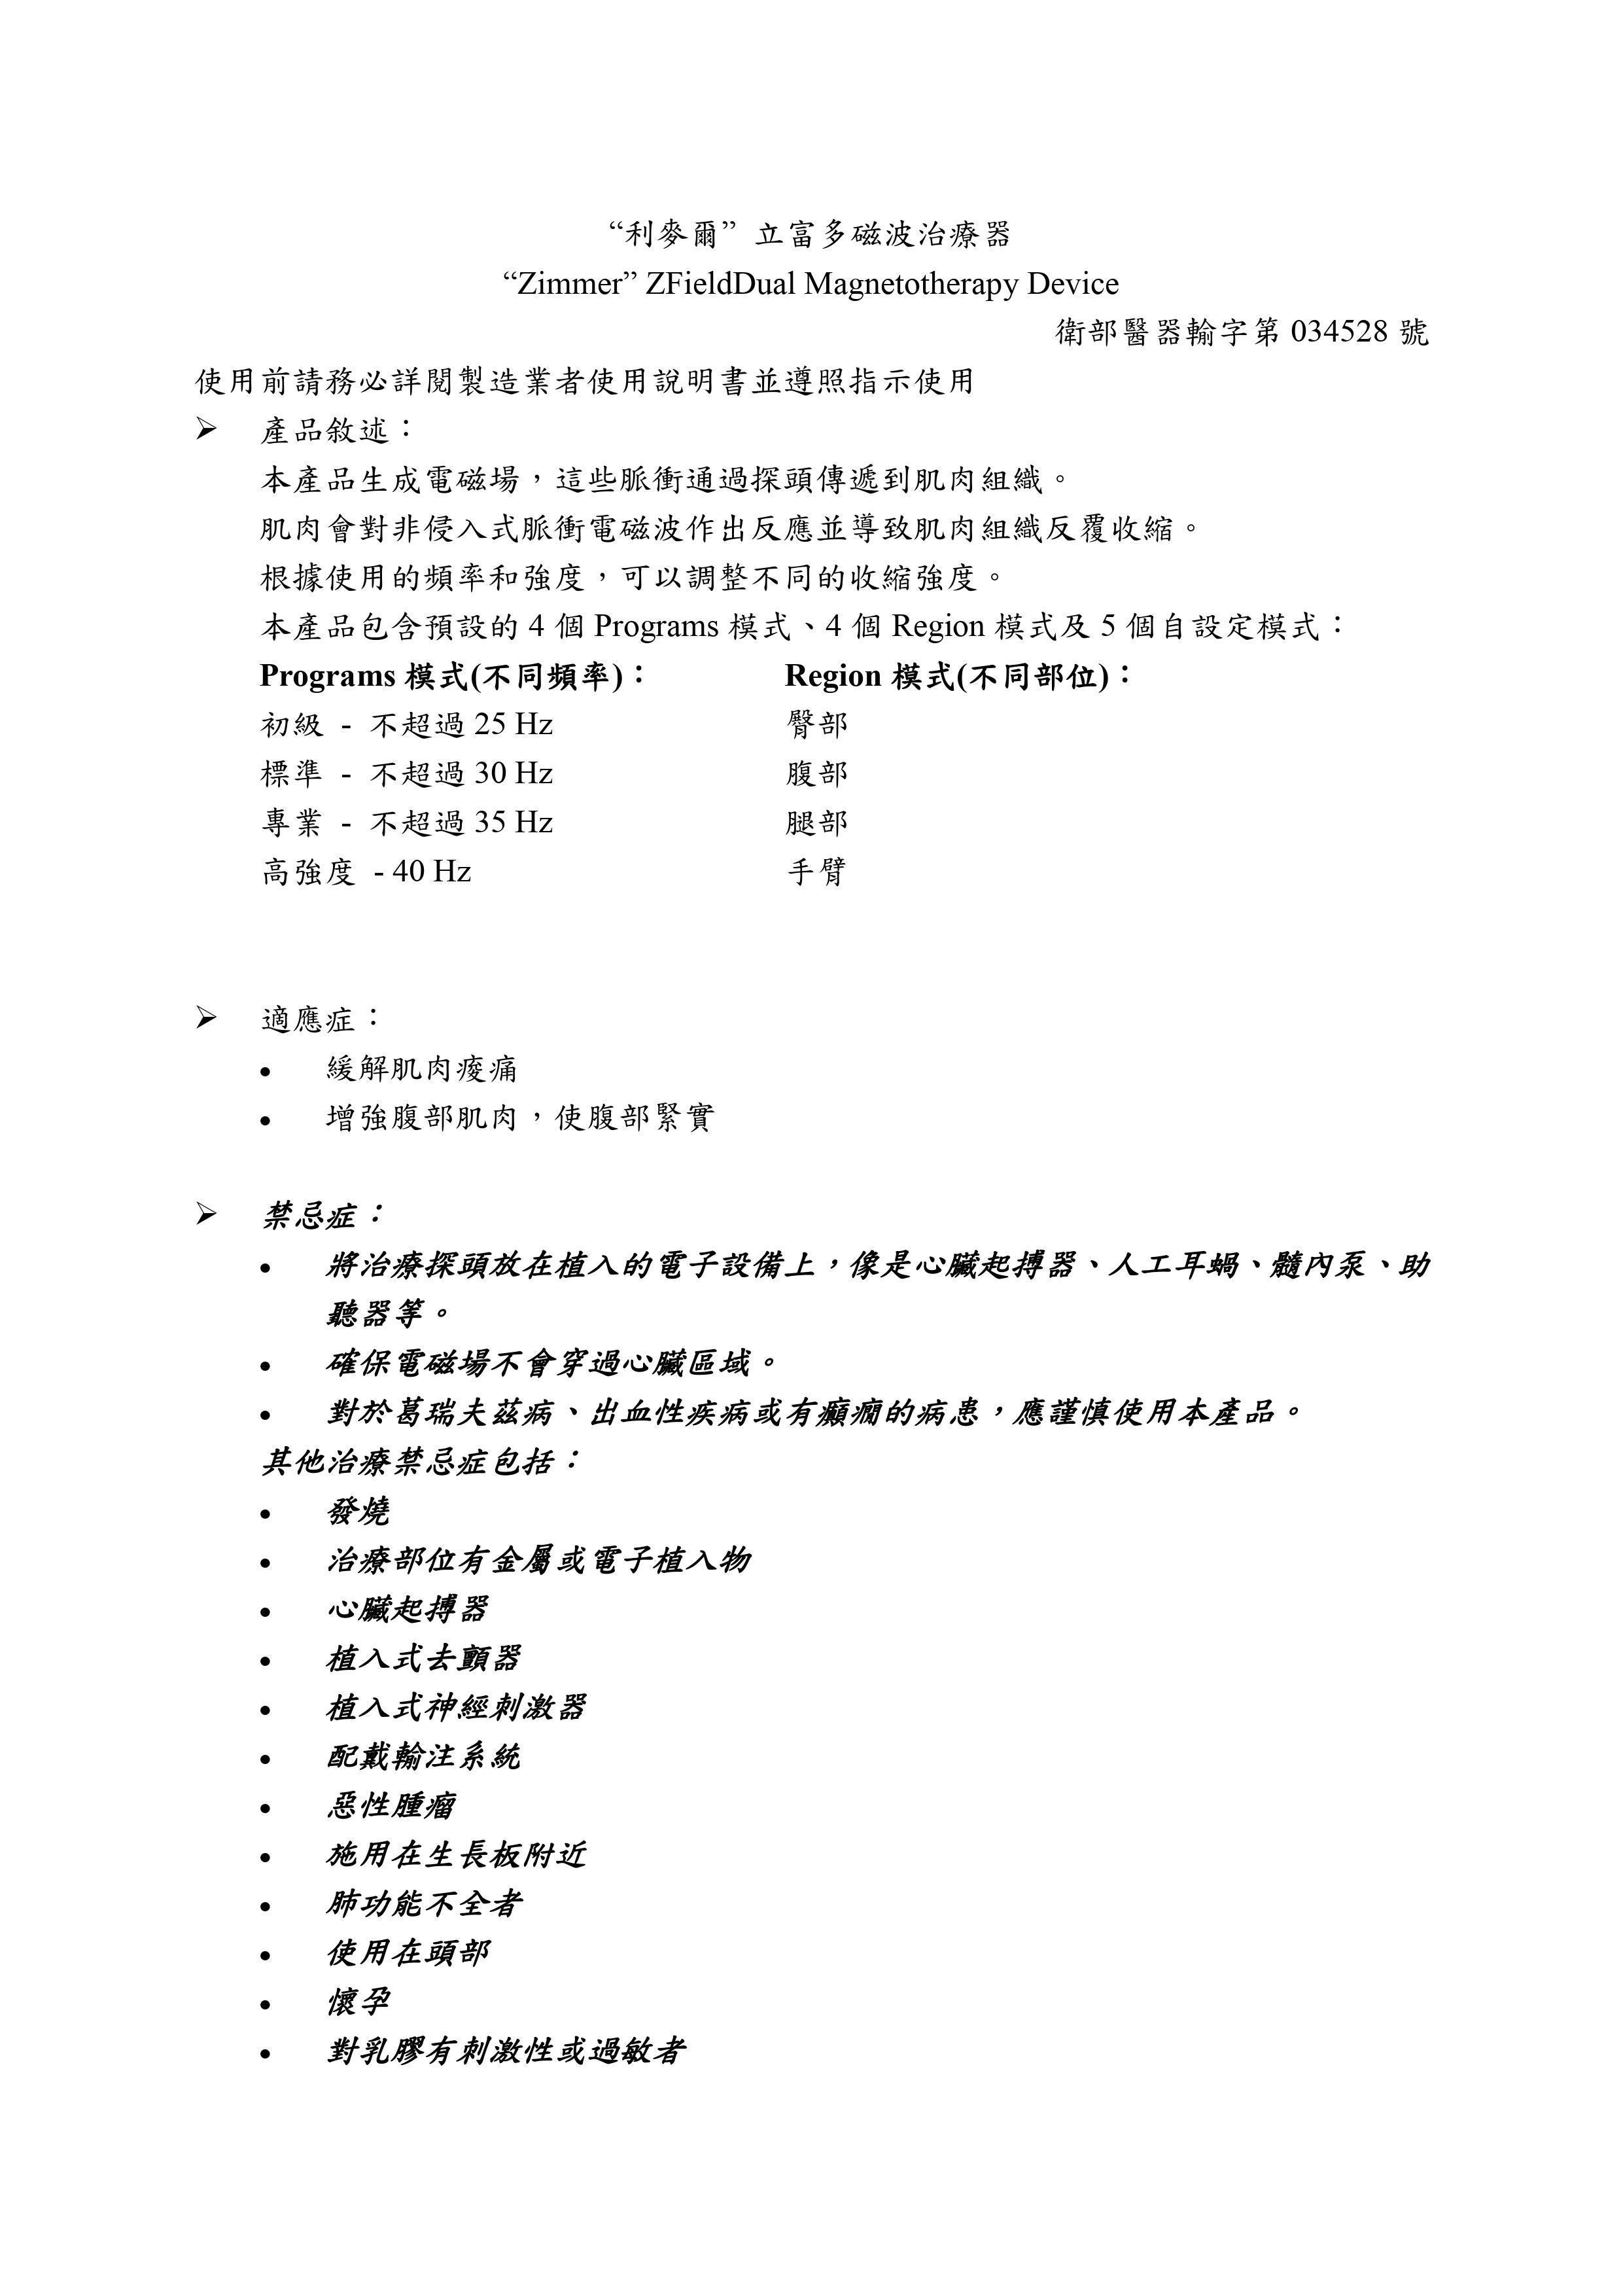 描述: D:\data\Desktop\ZField仿單-圖片\0001.jpg